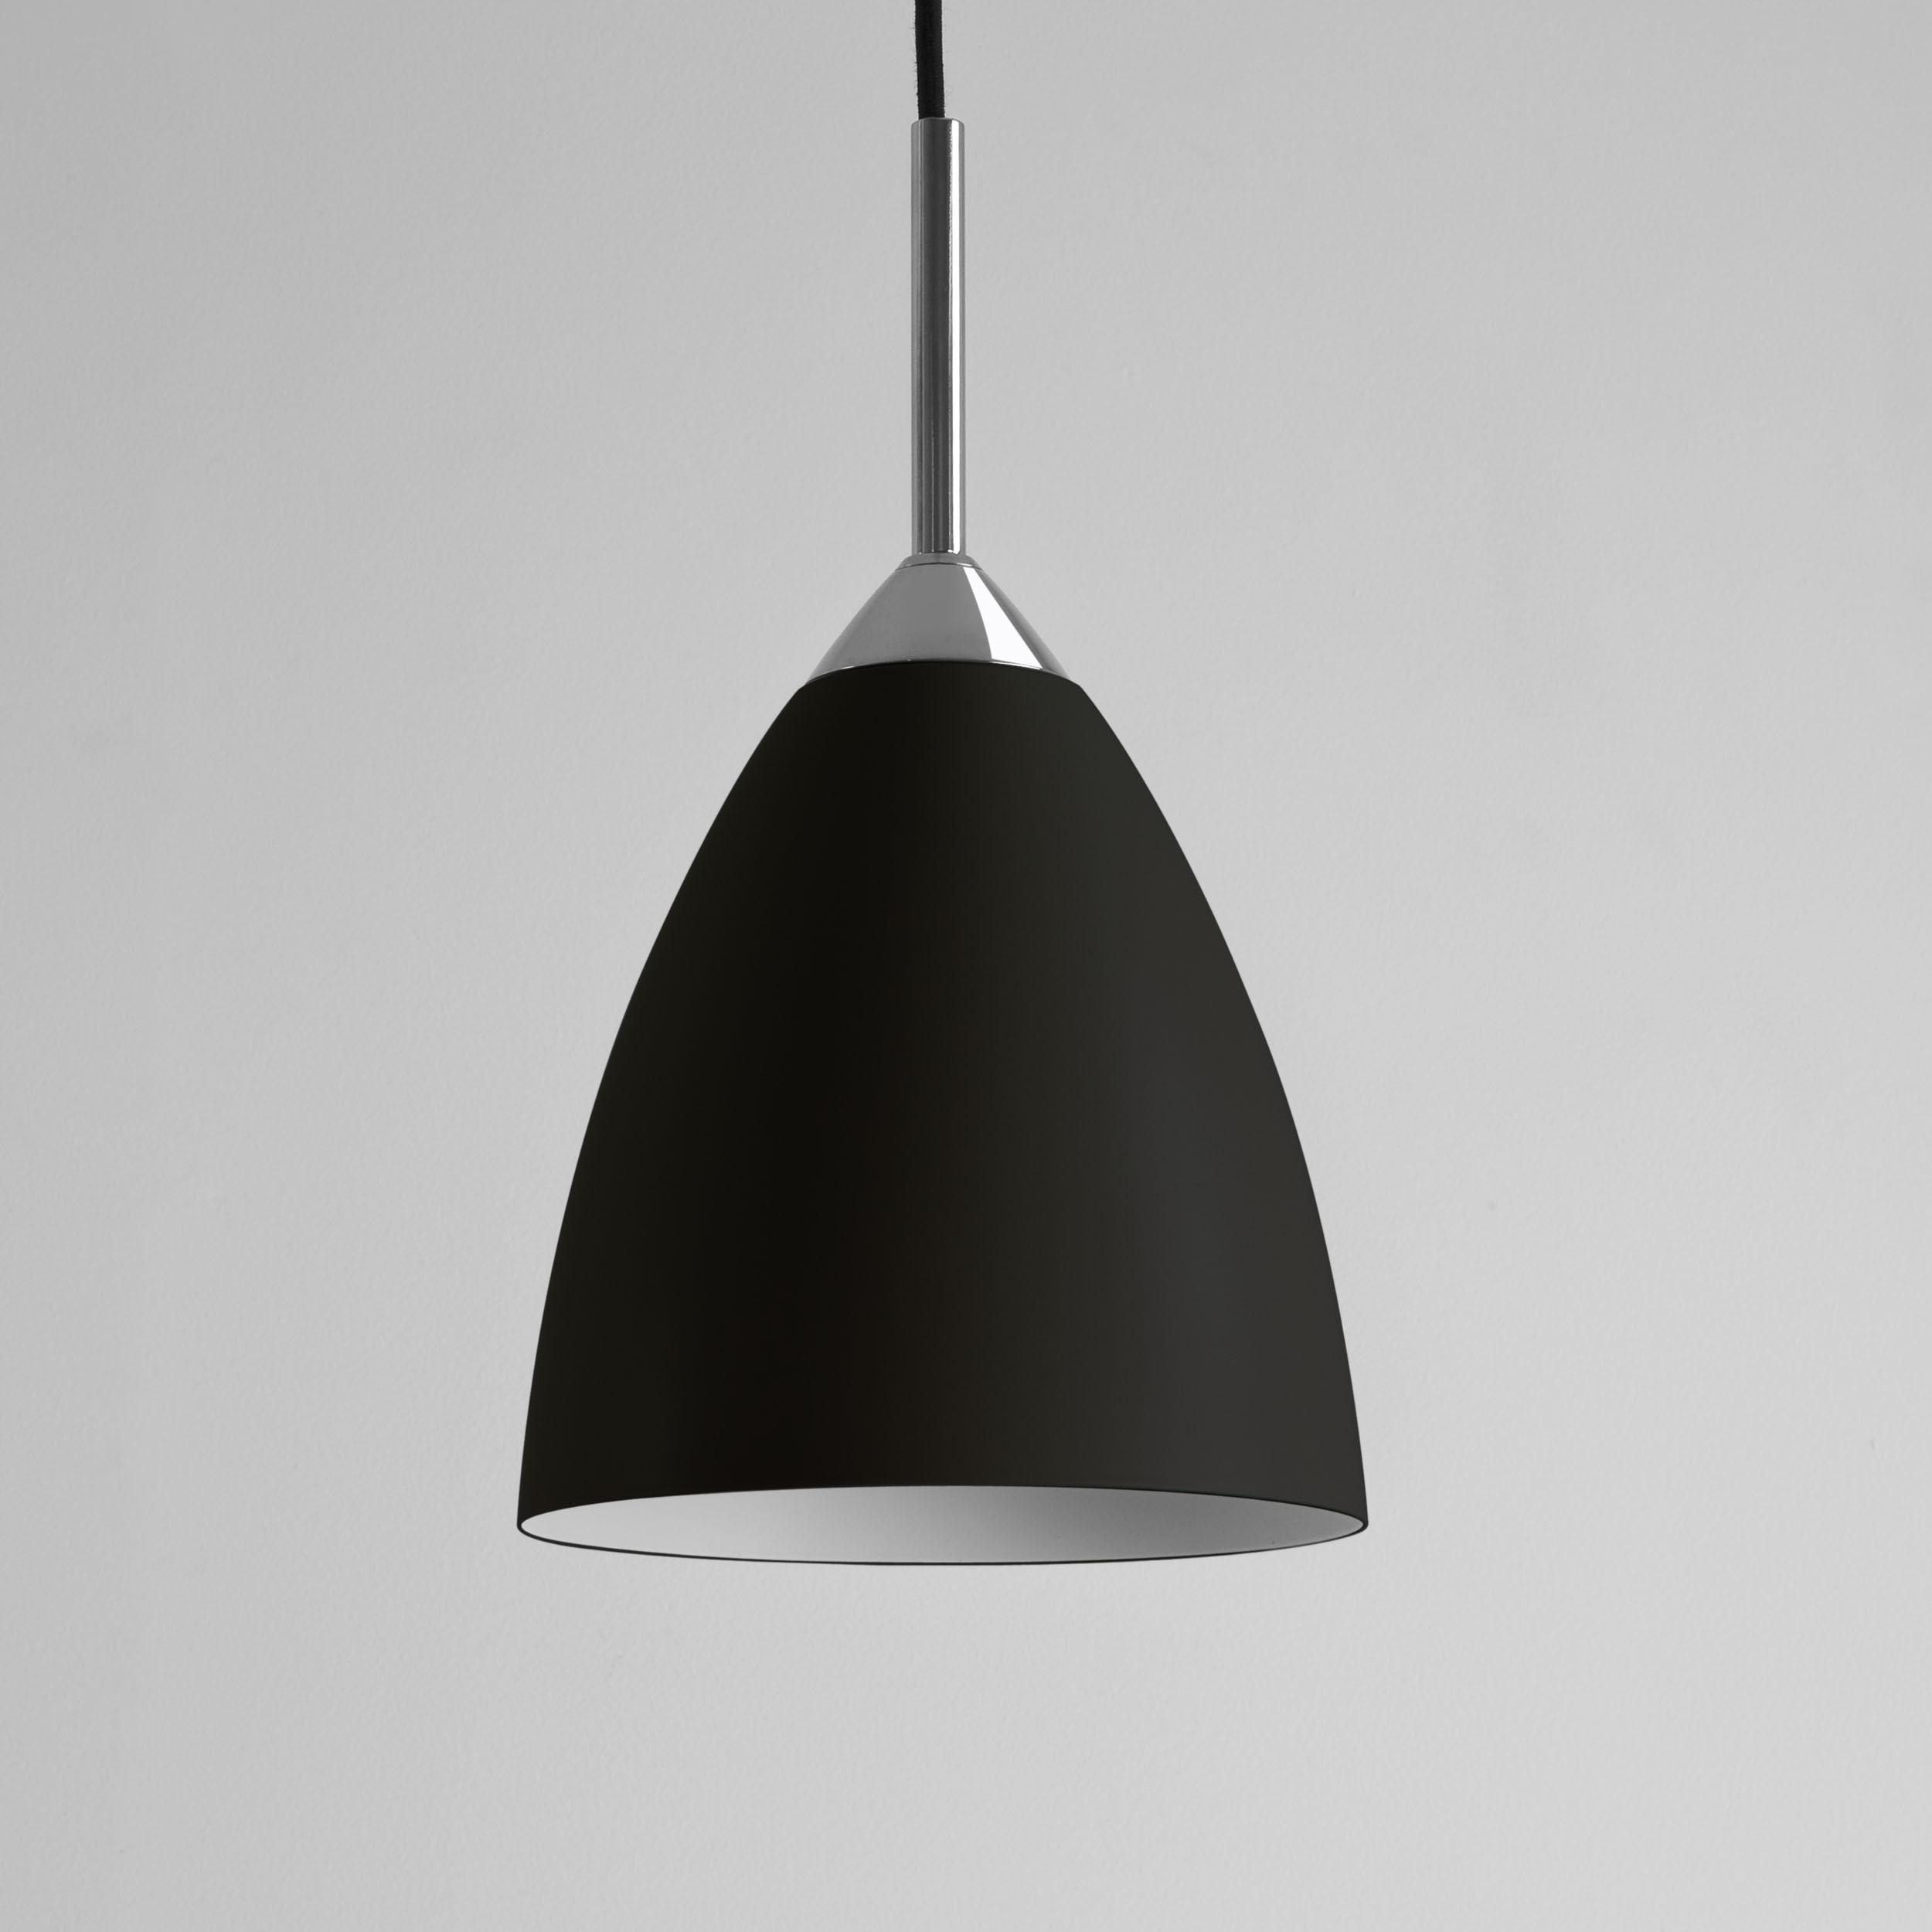 Подвесной светильник Astro Joel 1223018 (7194), 1xE27x42W, хром, черный, металл - фото 1